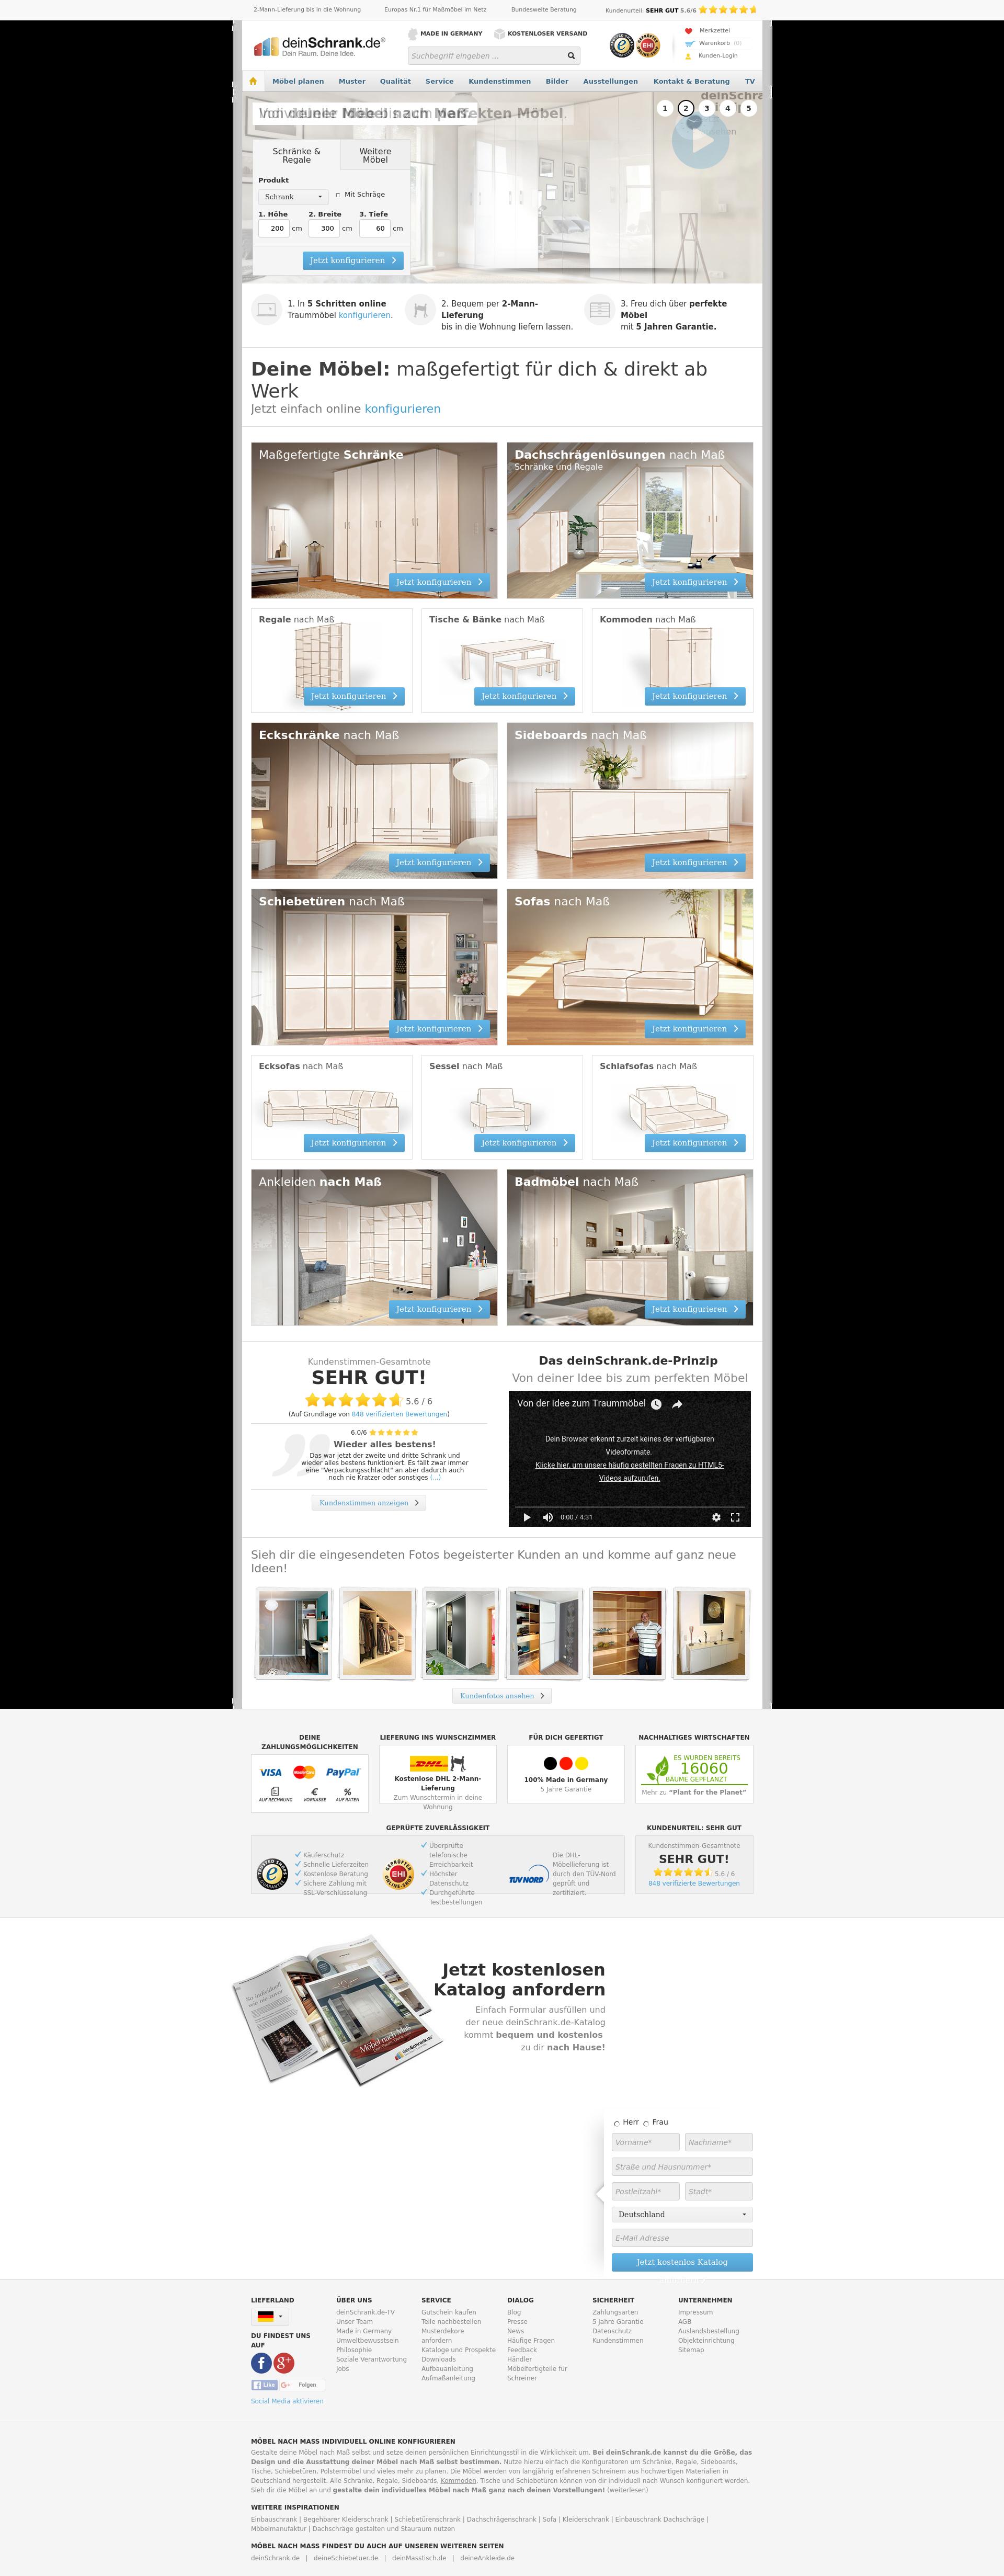 dein schrank erfahrungen best khles dein schrank. Black Bedroom Furniture Sets. Home Design Ideas